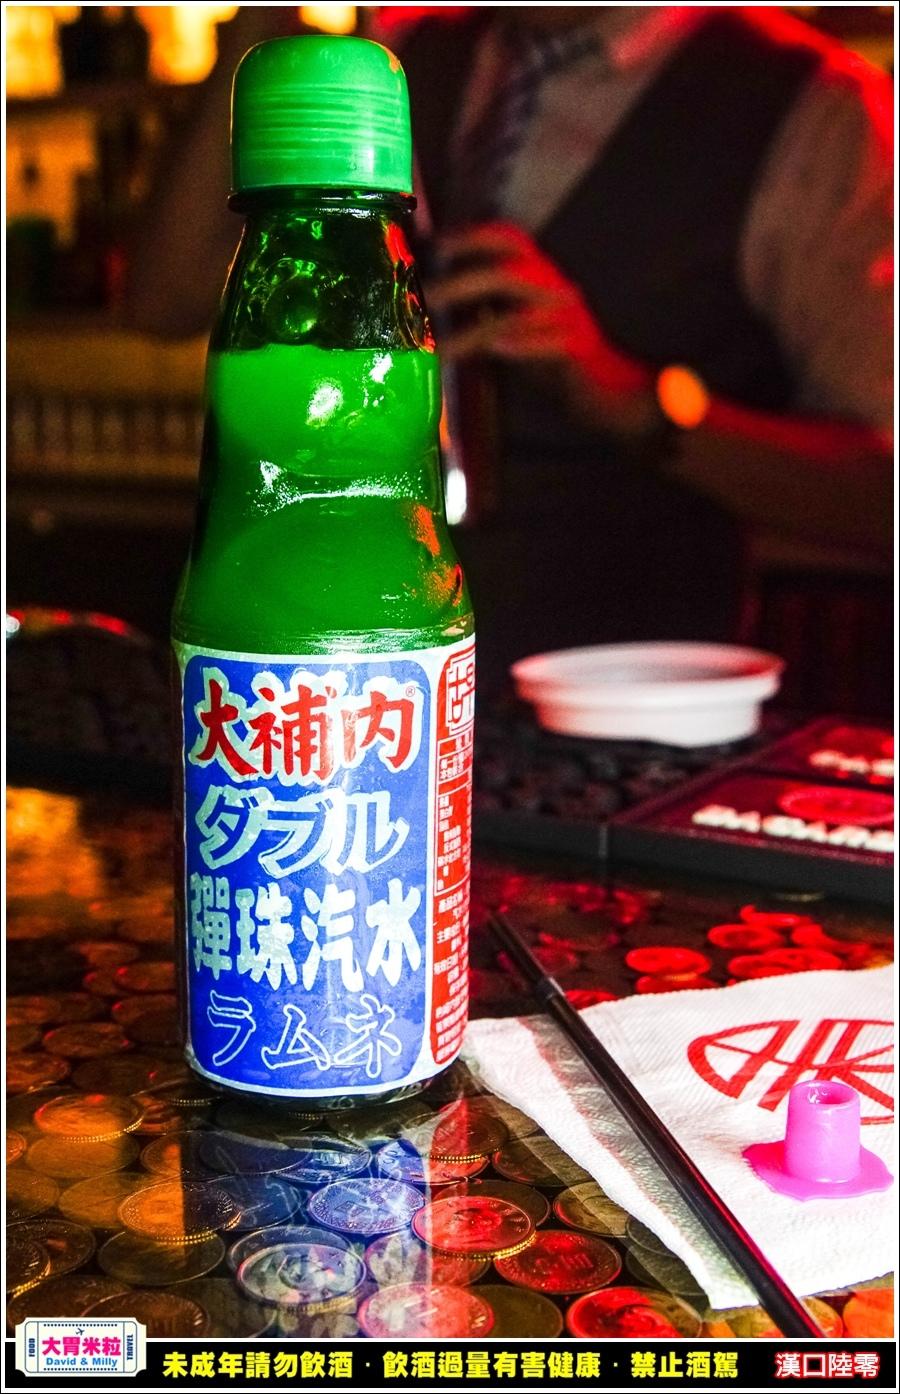 西門町酒吧推薦@HANKO 60 漢口陸零x戰酒金門高粱酒@大胃米粒0053.jpg